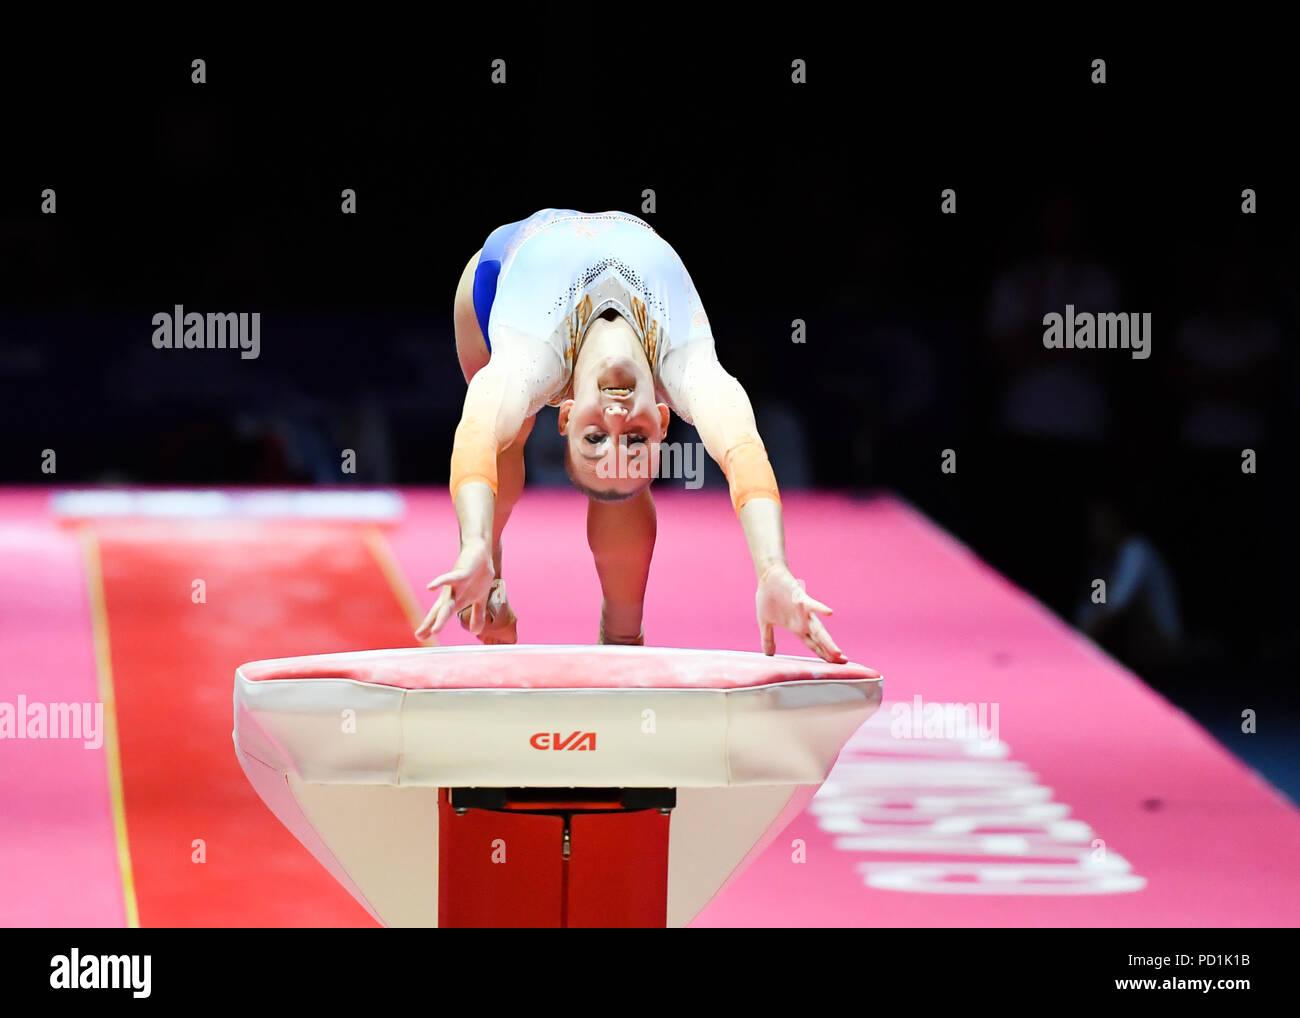 VOLLEMAN Tisha (NED) en concurrence sur la voûte en gymnastique artistique féminine durant la finale de l'appareil European Championships 2018 Glasgow à l'Hydro SSE le dimanche, 05 août 2018. GLASGOW ECOSSE . Credit: Taka G Wu Photo Stock